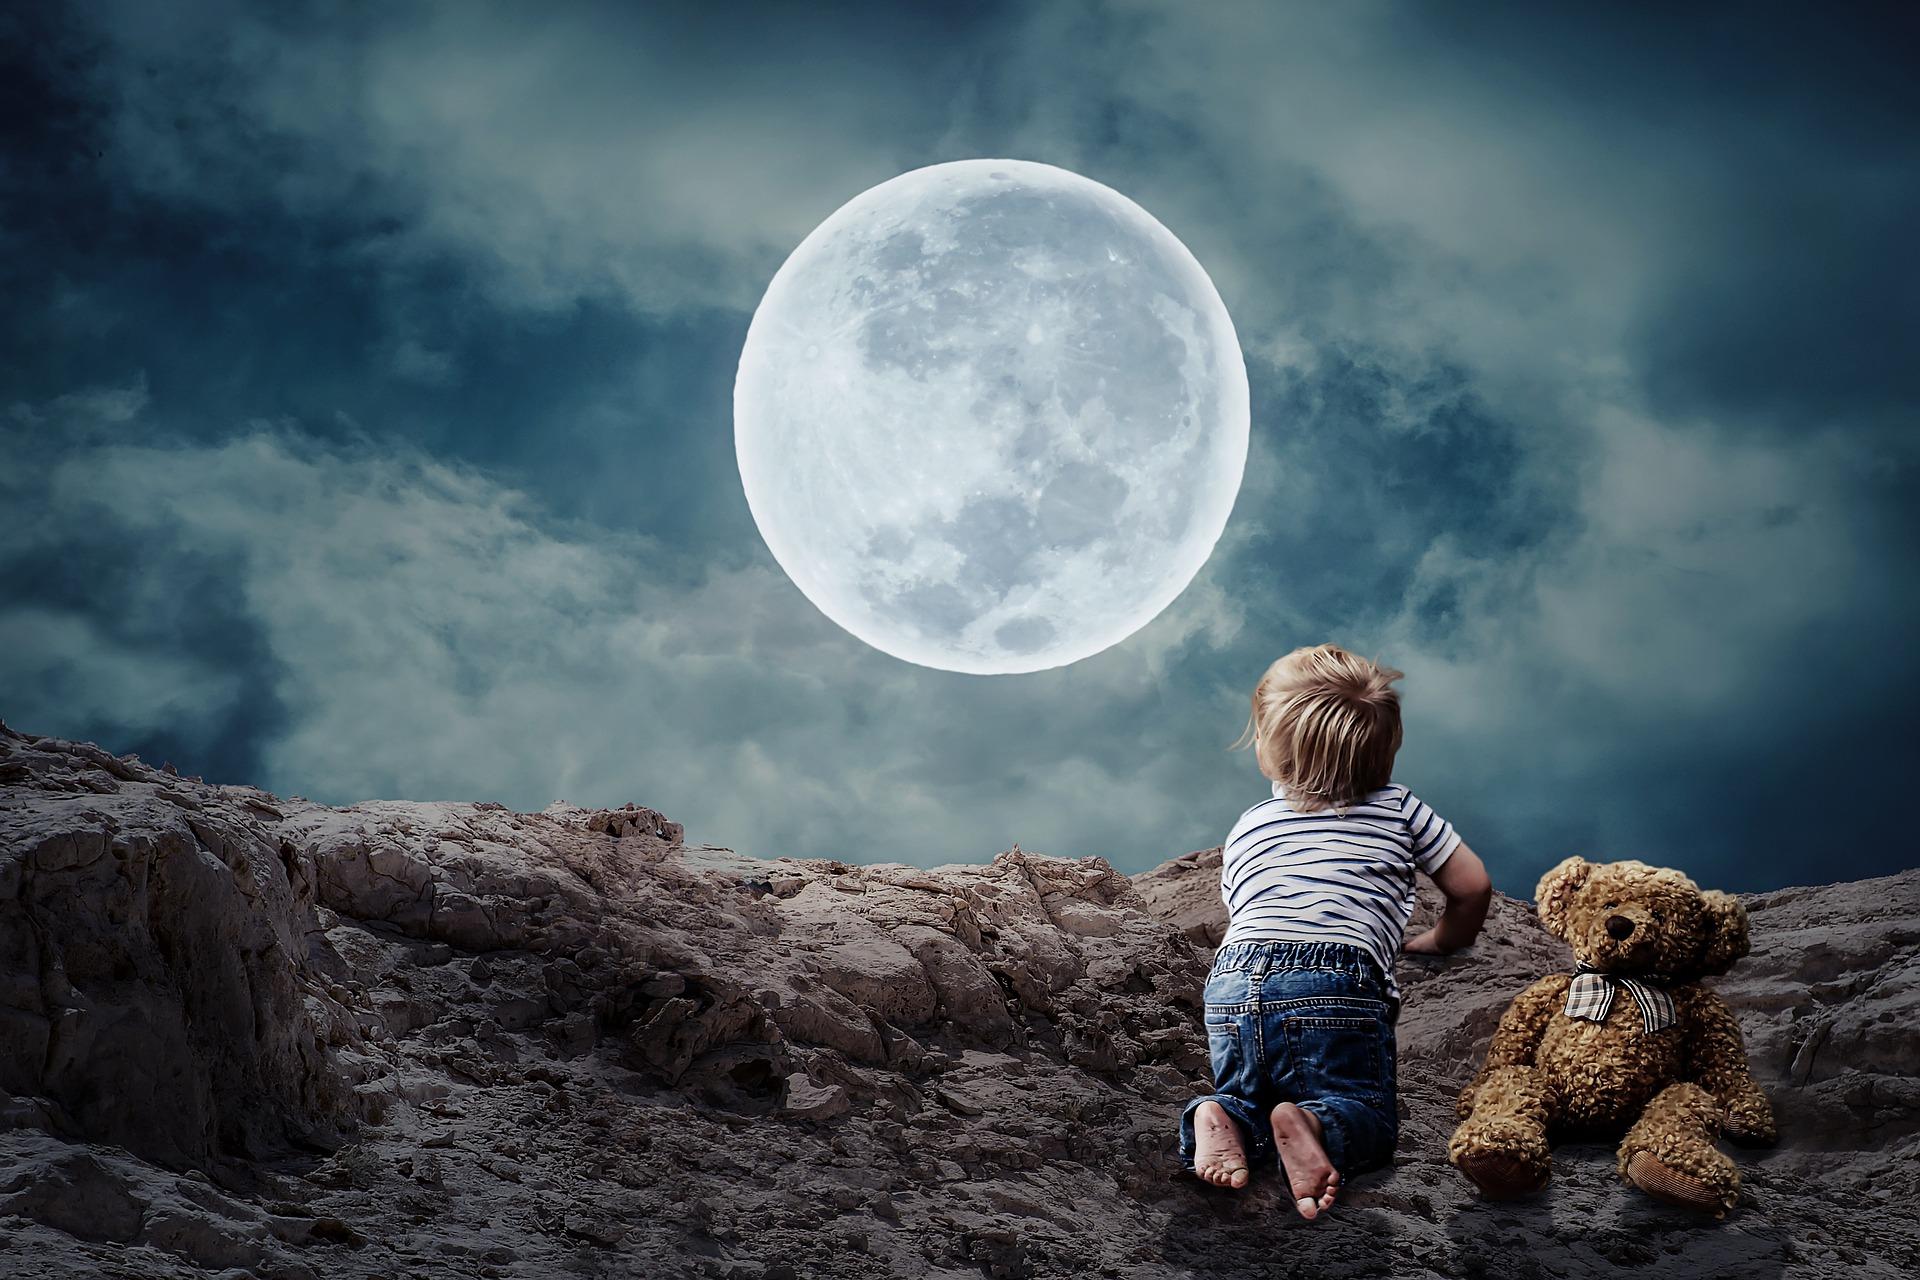 gazing at the moon in wonder.jpg